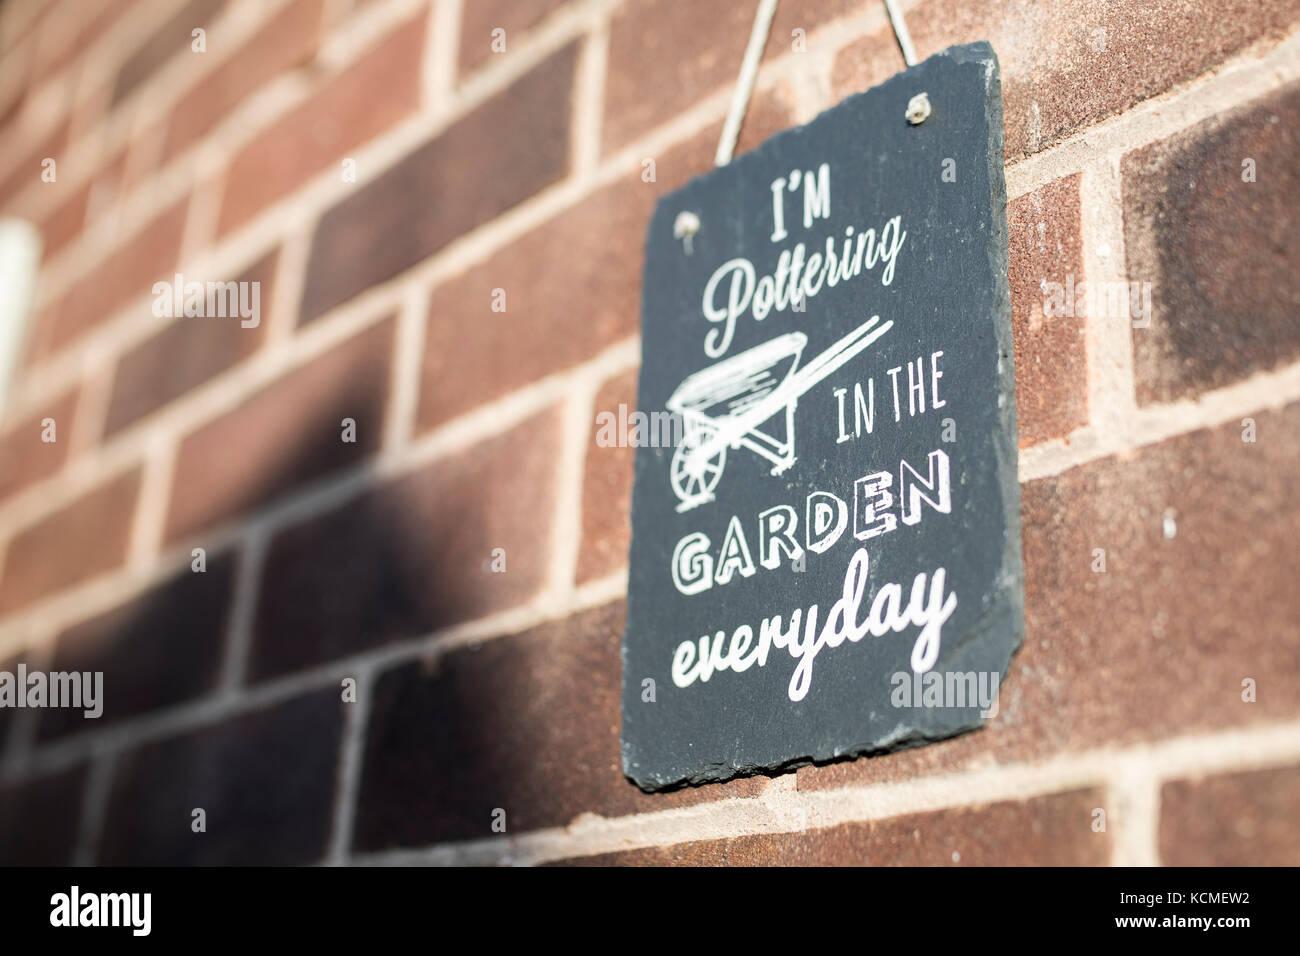 Sto pottering in giardino ogni giorno il giardino di ardesia segno contro un muro di mattoni Immagini Stock